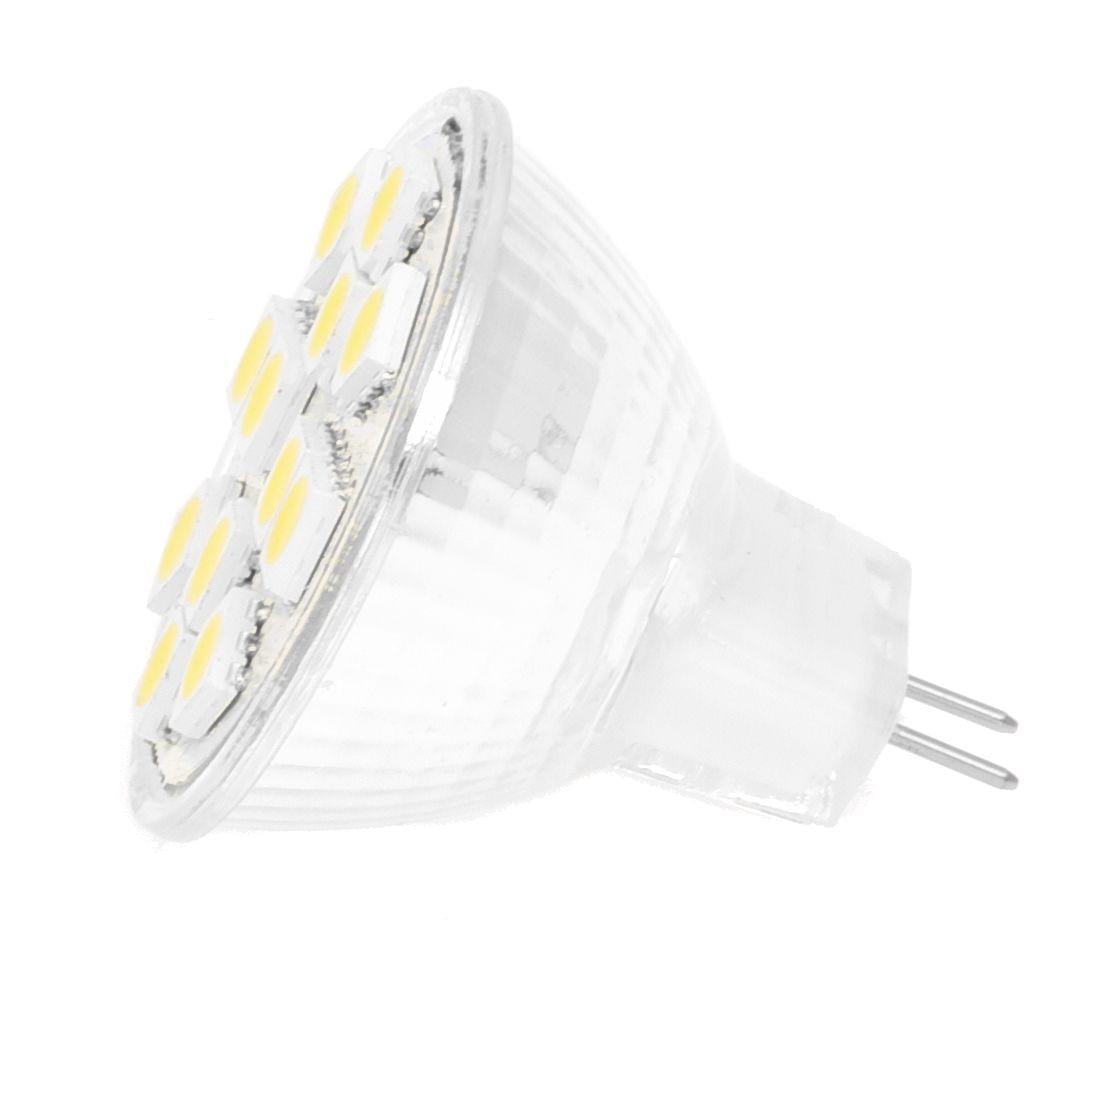 2W MR11 GU4 120-144LM bombilla LED 12 SMD 5050 lámpara blanca